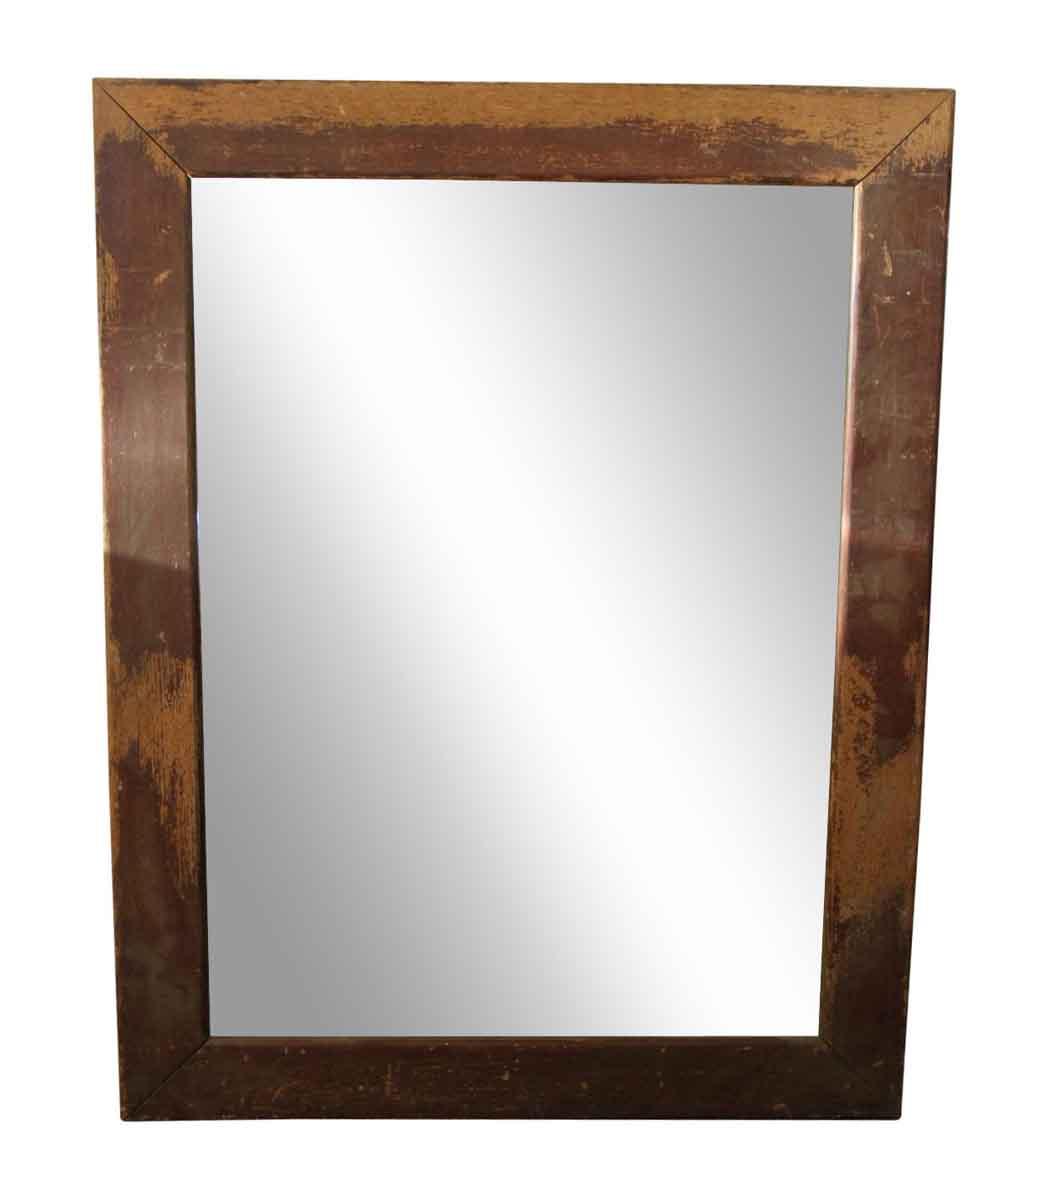 Wood Framed Beveled Mirror Olde Good Things